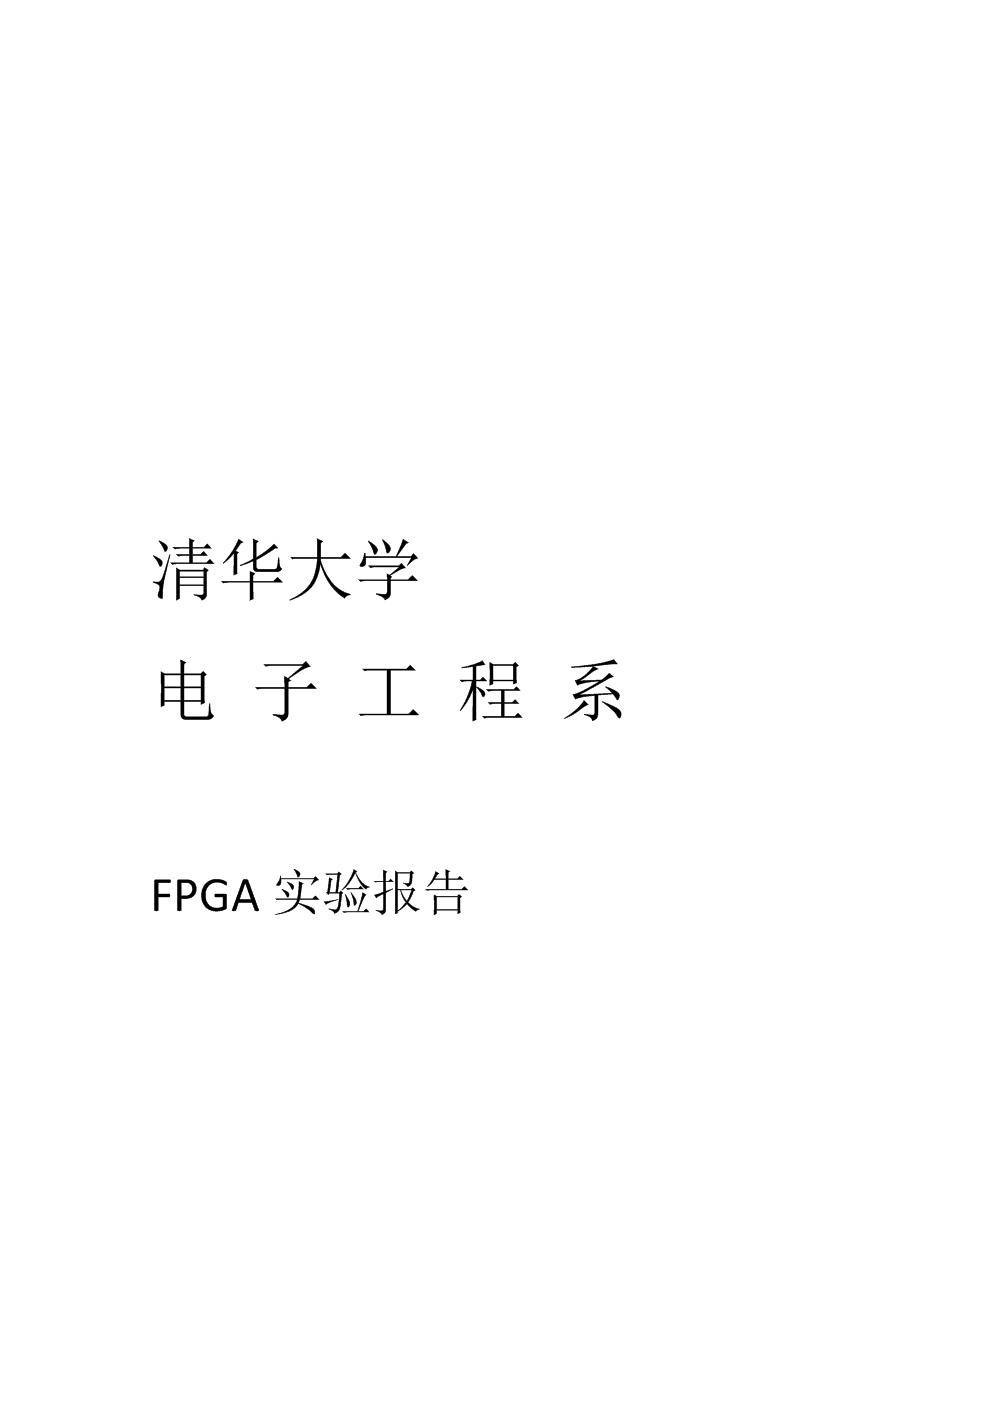 完整word版基于FPGA的数字电路试验报告.doc